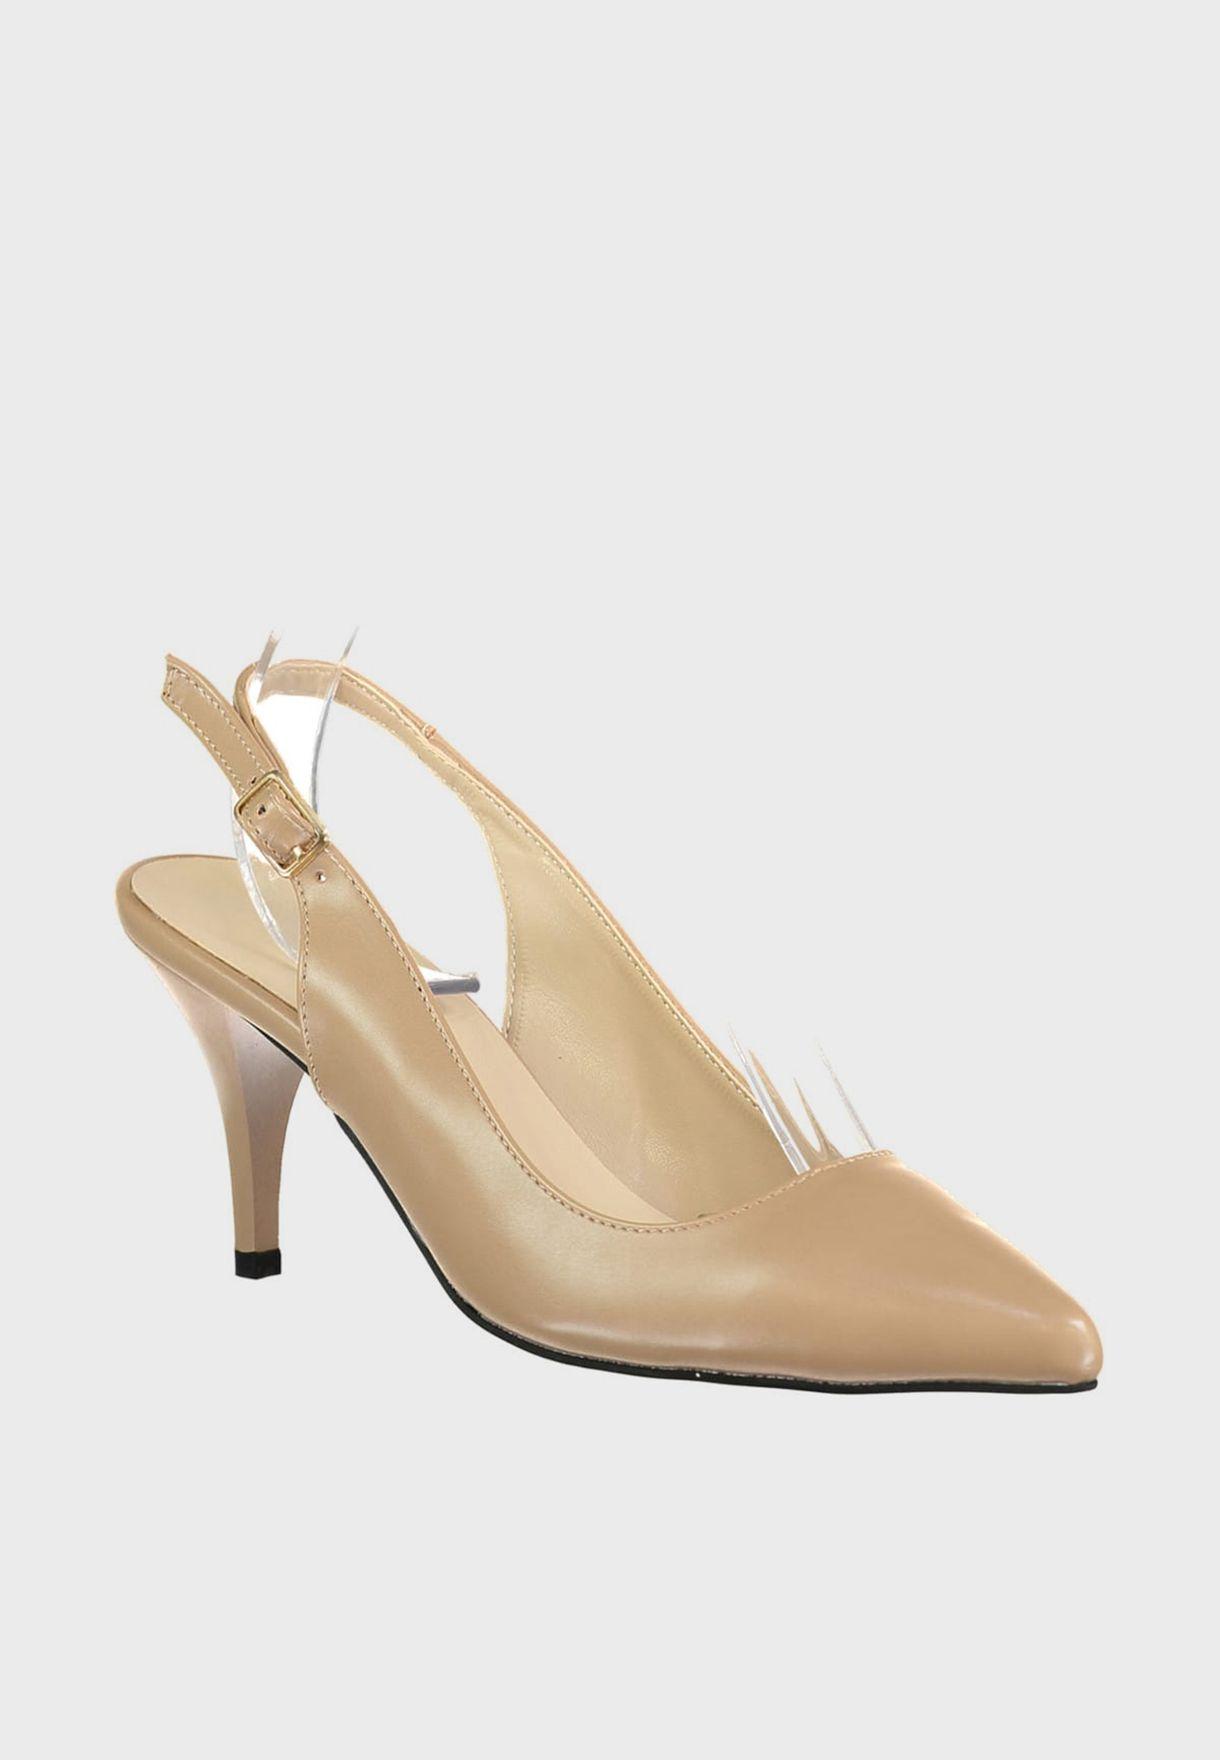 حذاء بكعب رفيع و اساور كاحل